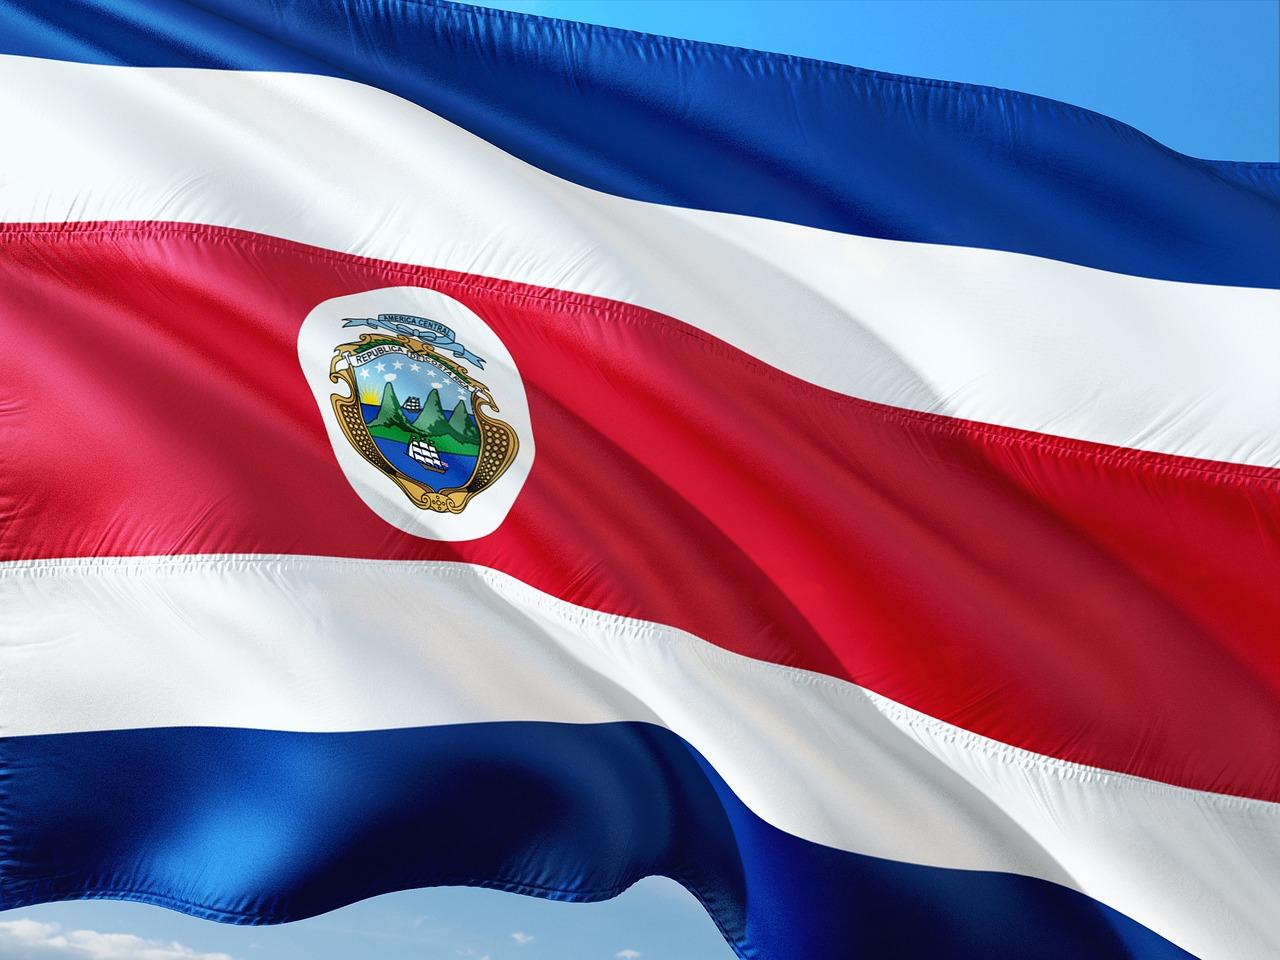 Ministra británica visita Costa Rica para fortalecer el cambio climático